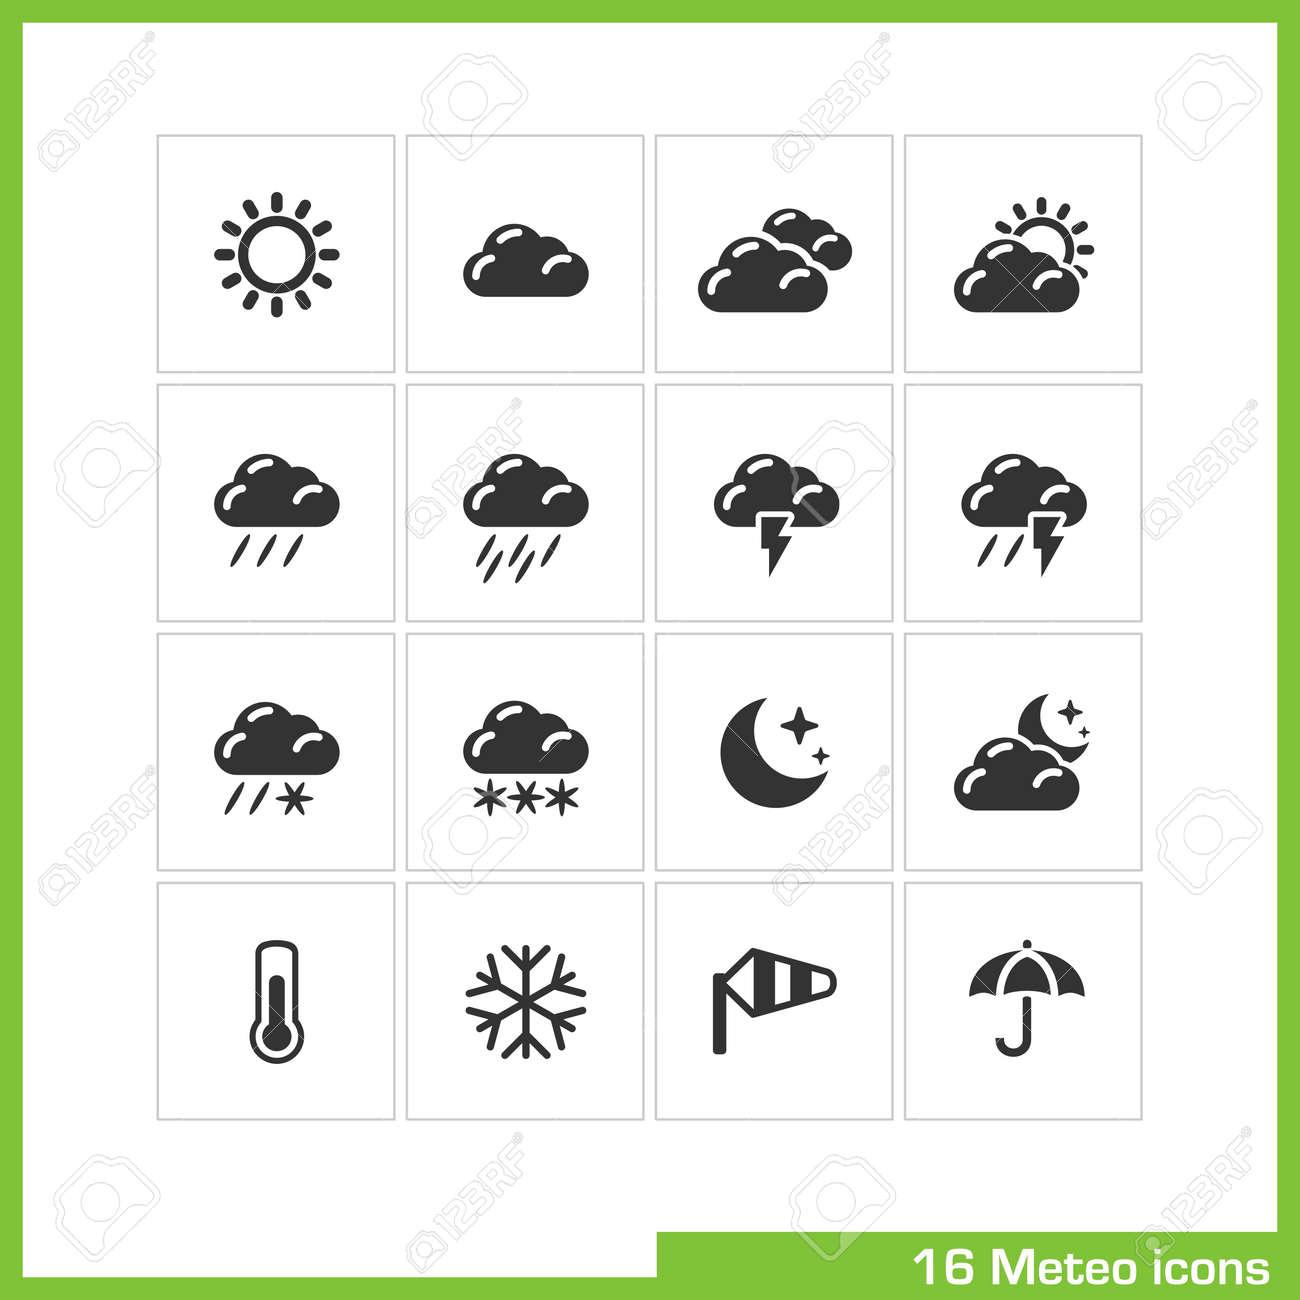 Meteo icon set. Stock Vector - 19551119